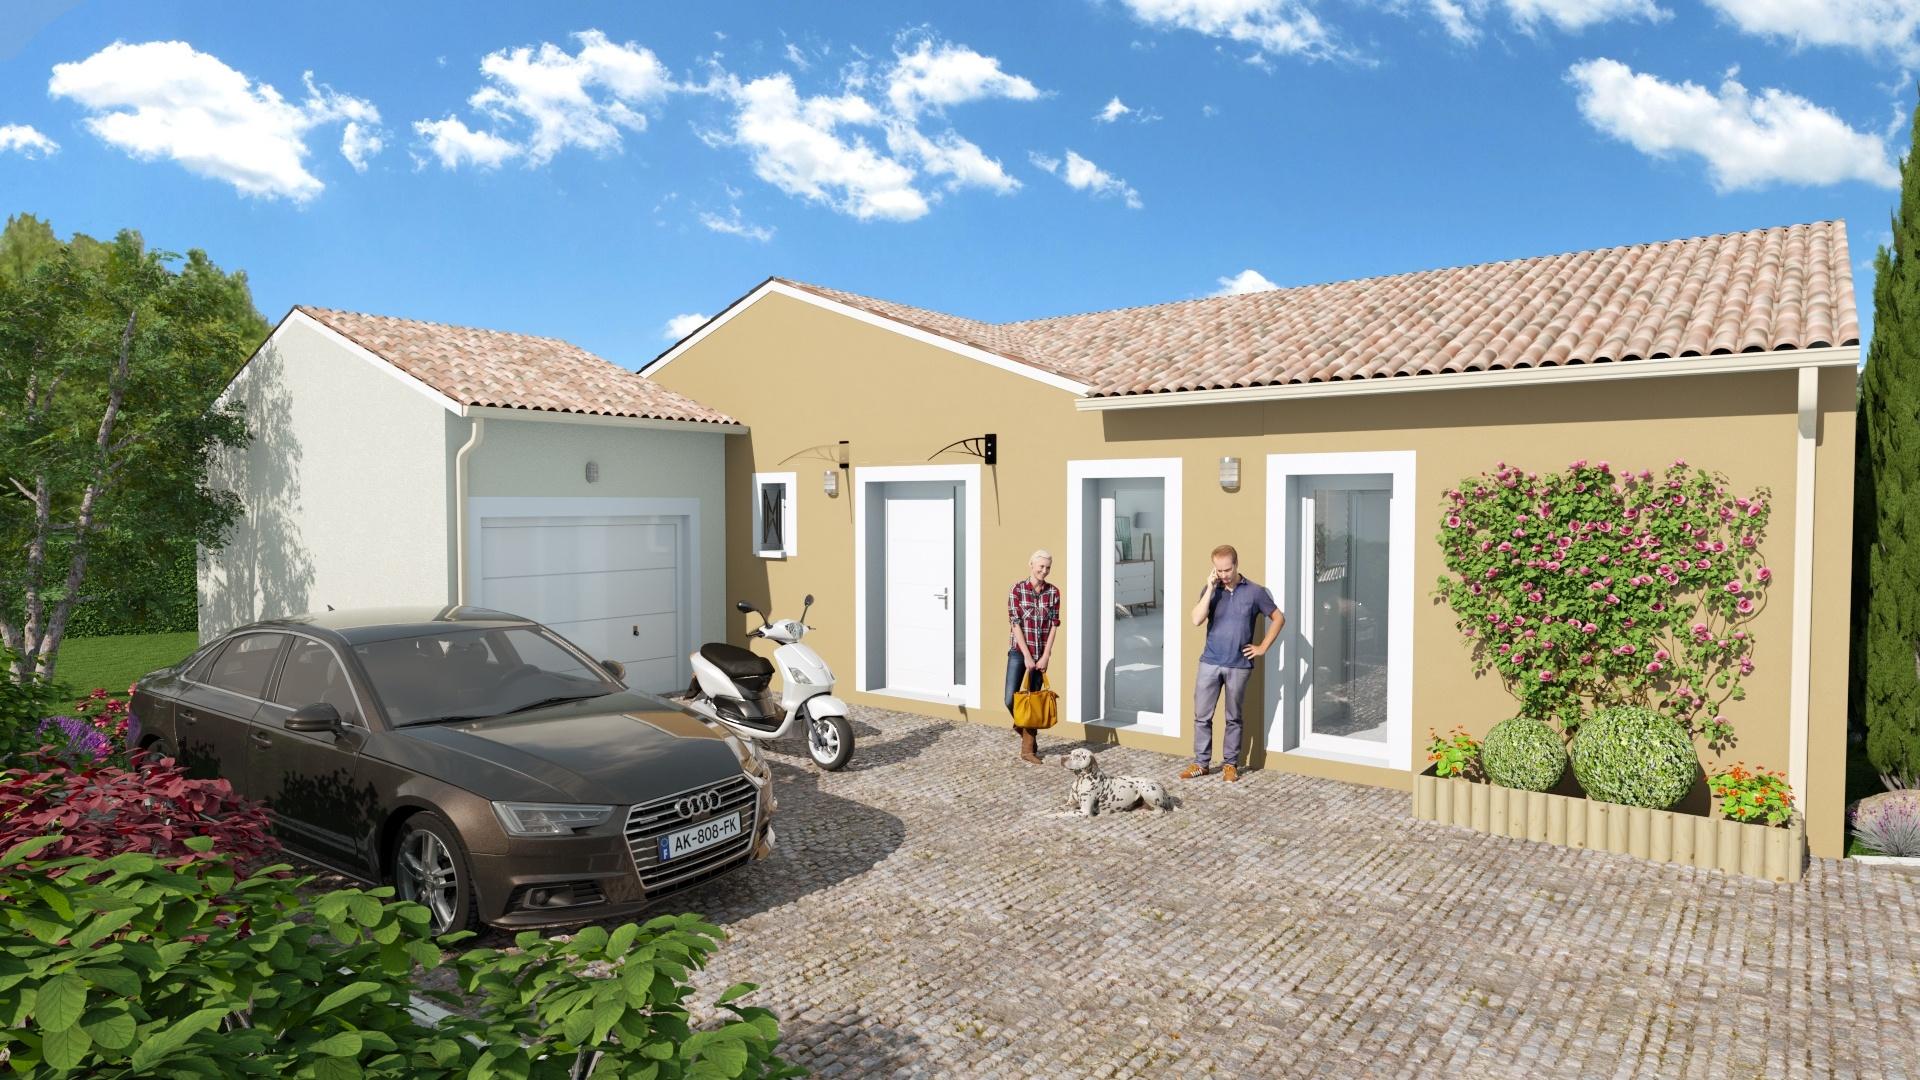 Maisons + Terrains du constructeur Maison Familiale Toulouse • 107 m² • VILLEMUR SUR TARN